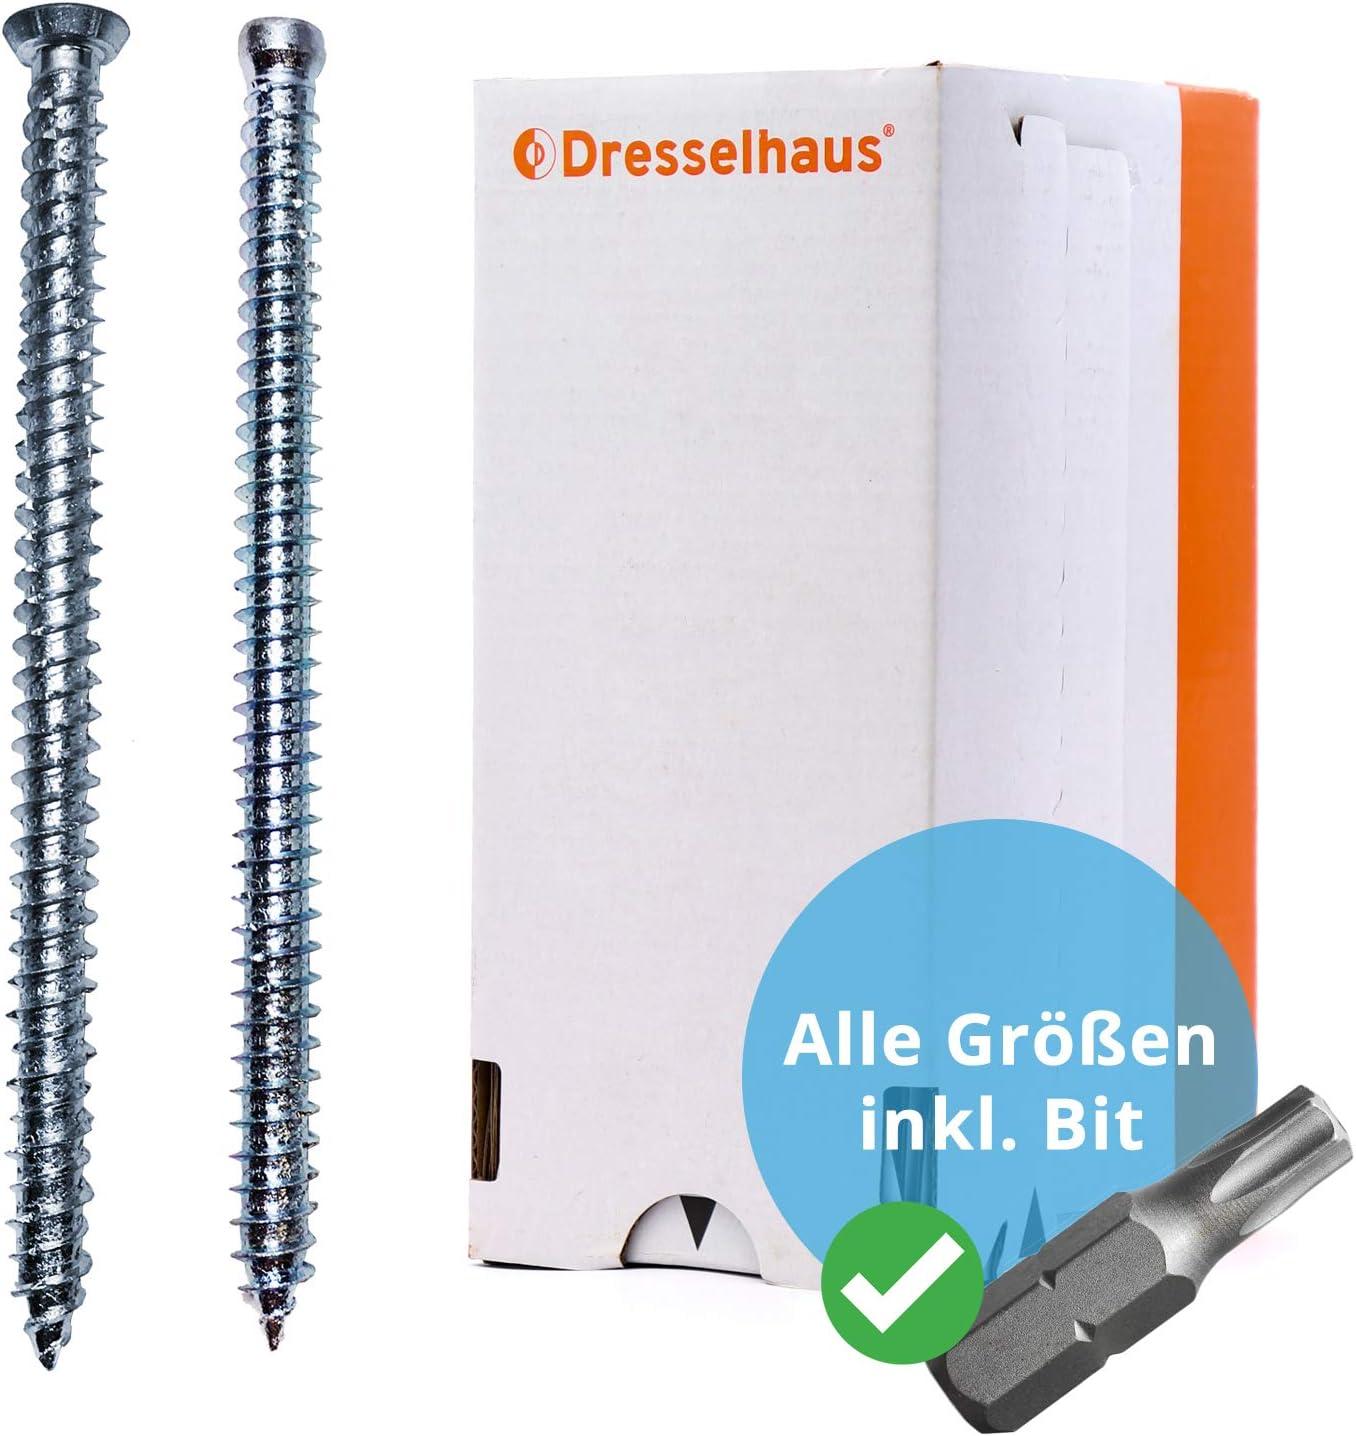 Sechskant Holzschrauben DIN 571 Wiener Schraube 25 St/ück verzinkt 12x400 mm Belko Schl/üsselschrauben